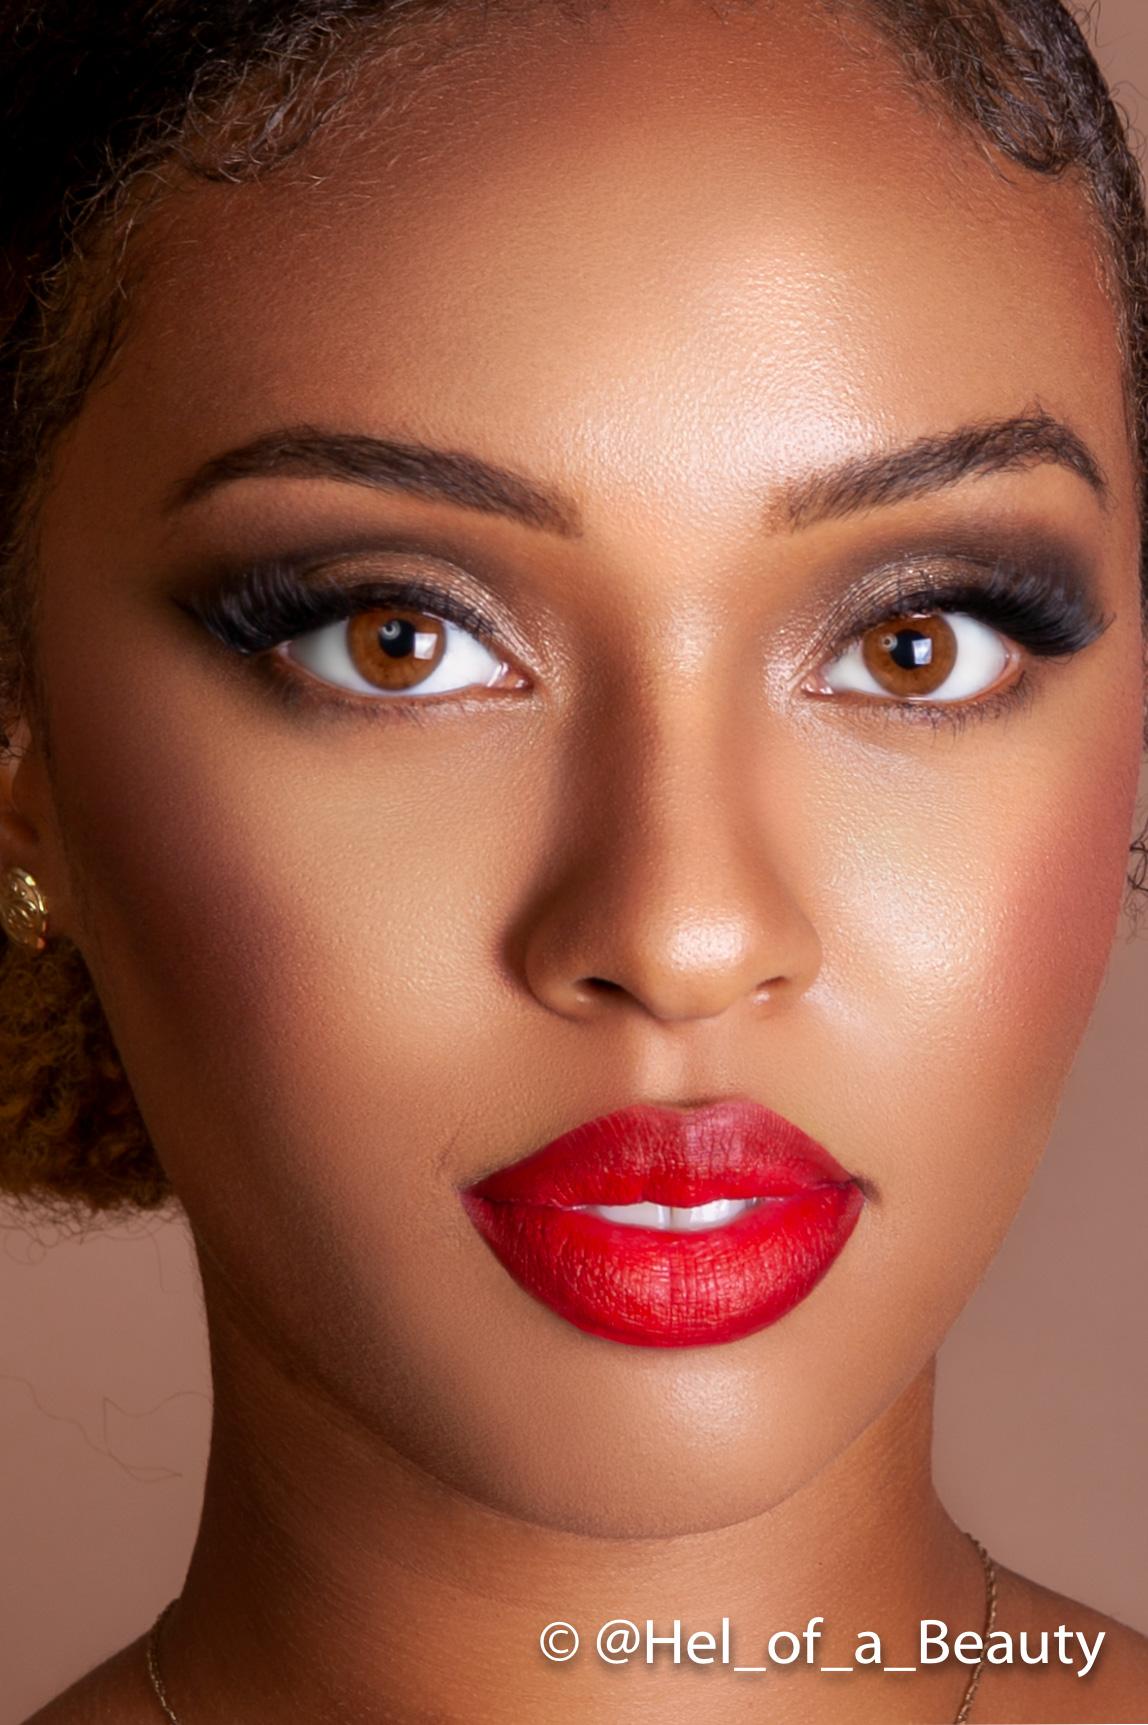 Beauty Edit Mayfair - Close Ups-3.jpg